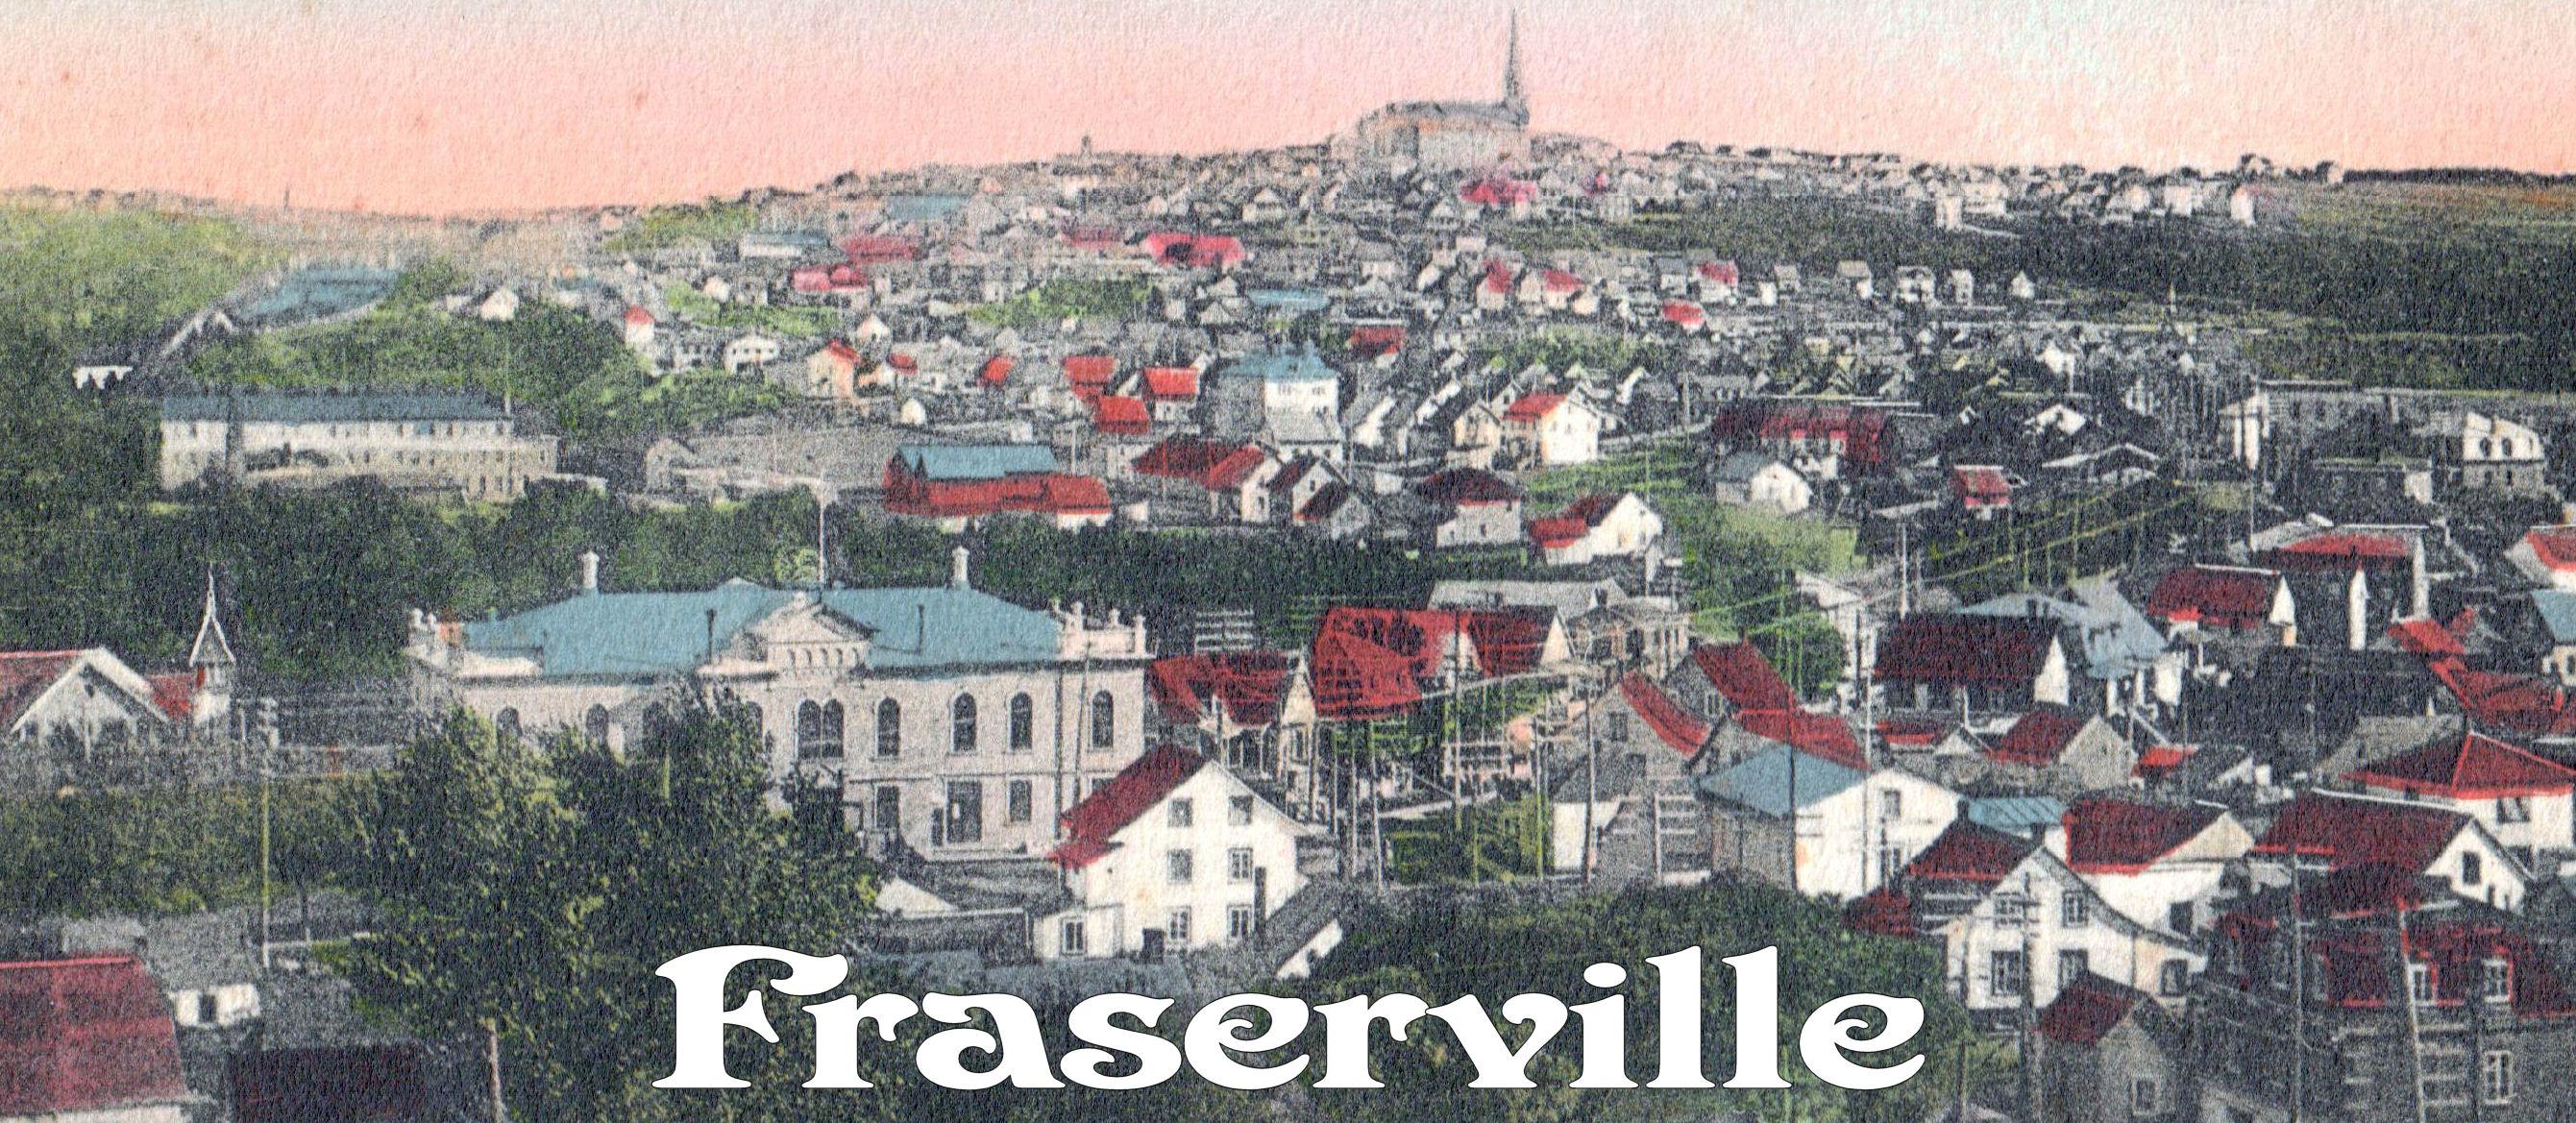 Fraserville, On